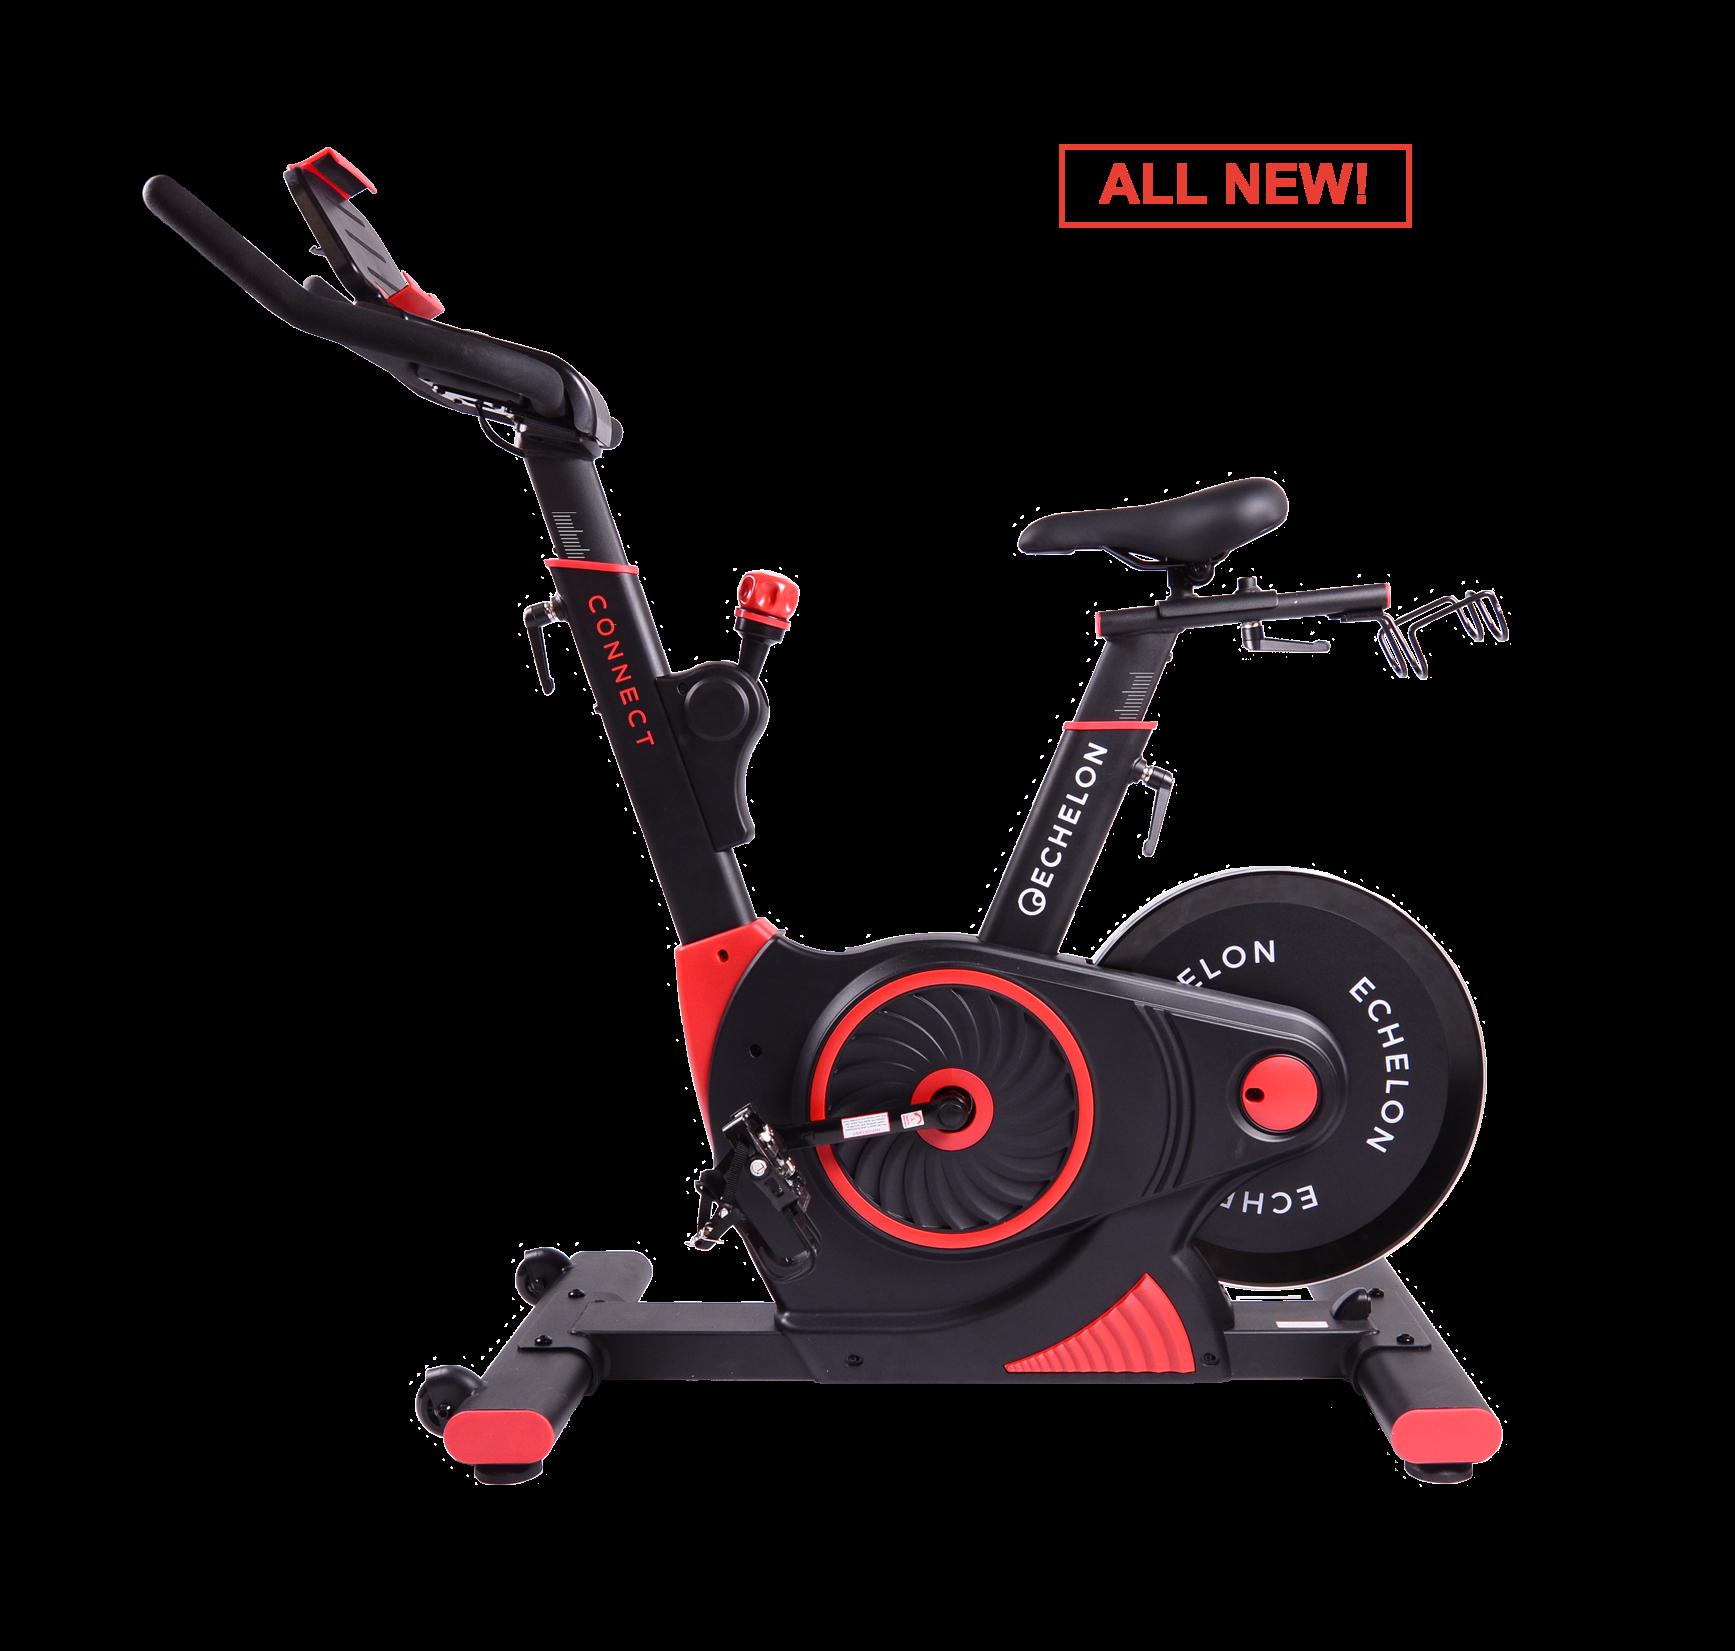 Echelon bike review EX3 - Echelon Smart Connect EX3 Indoor Cycle